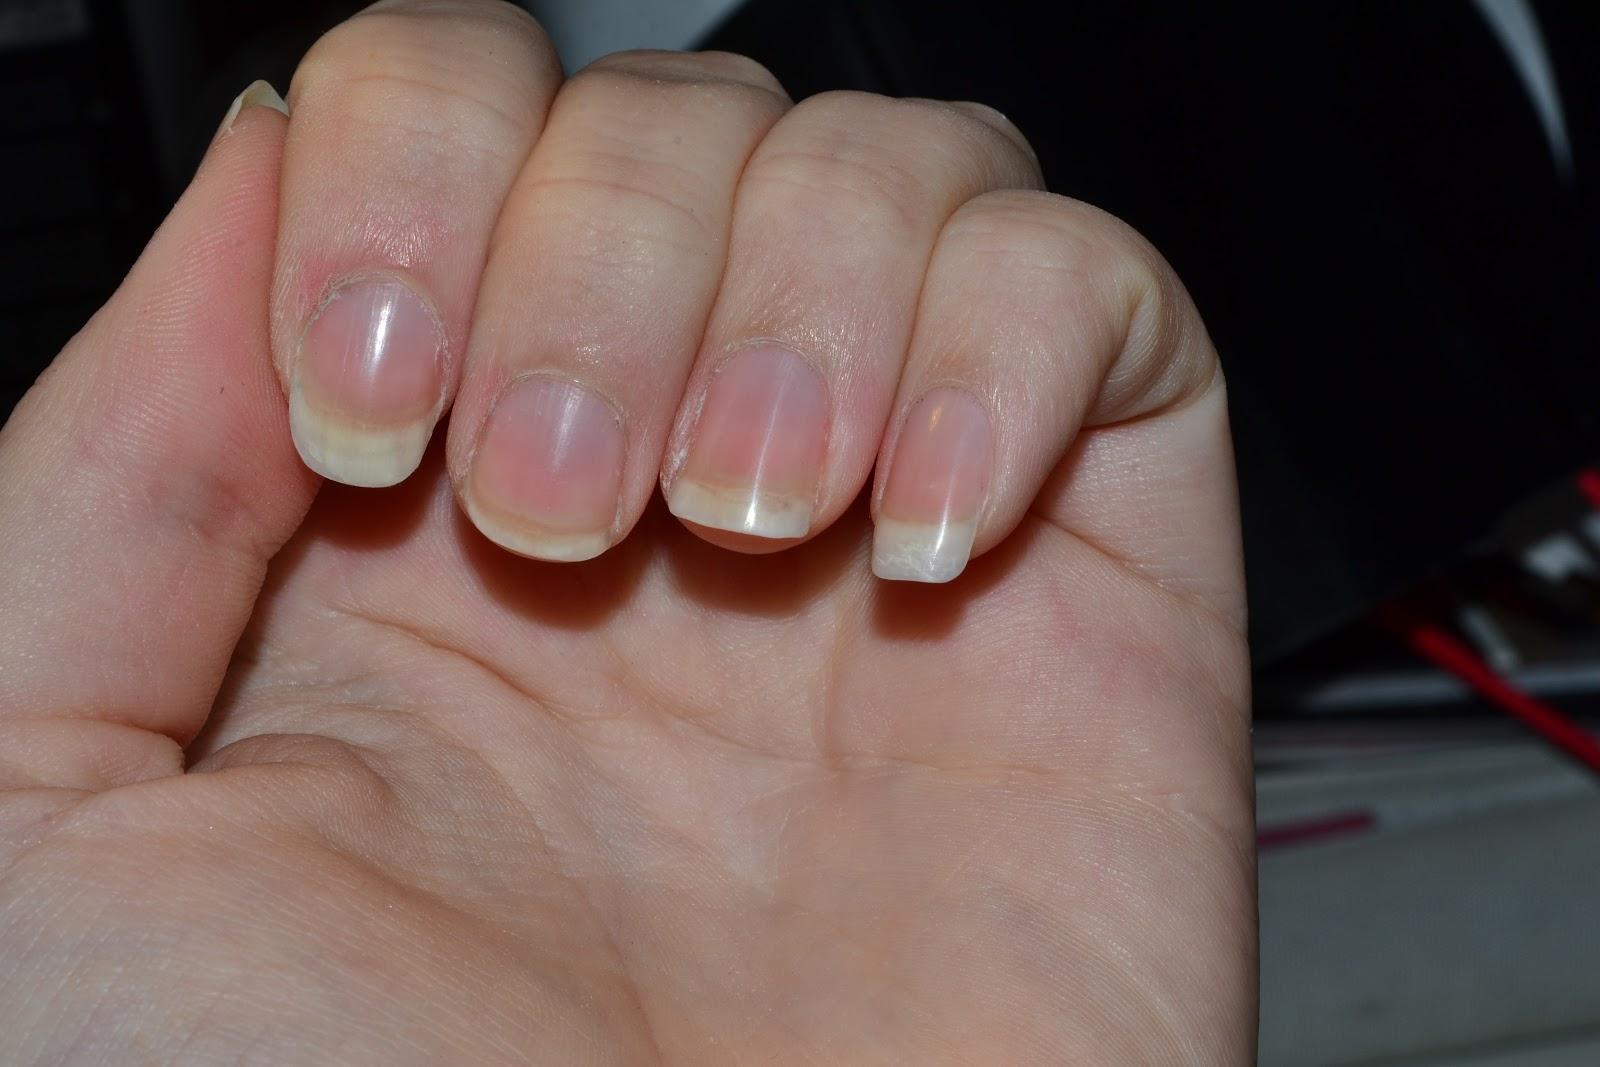 naglar växer inte